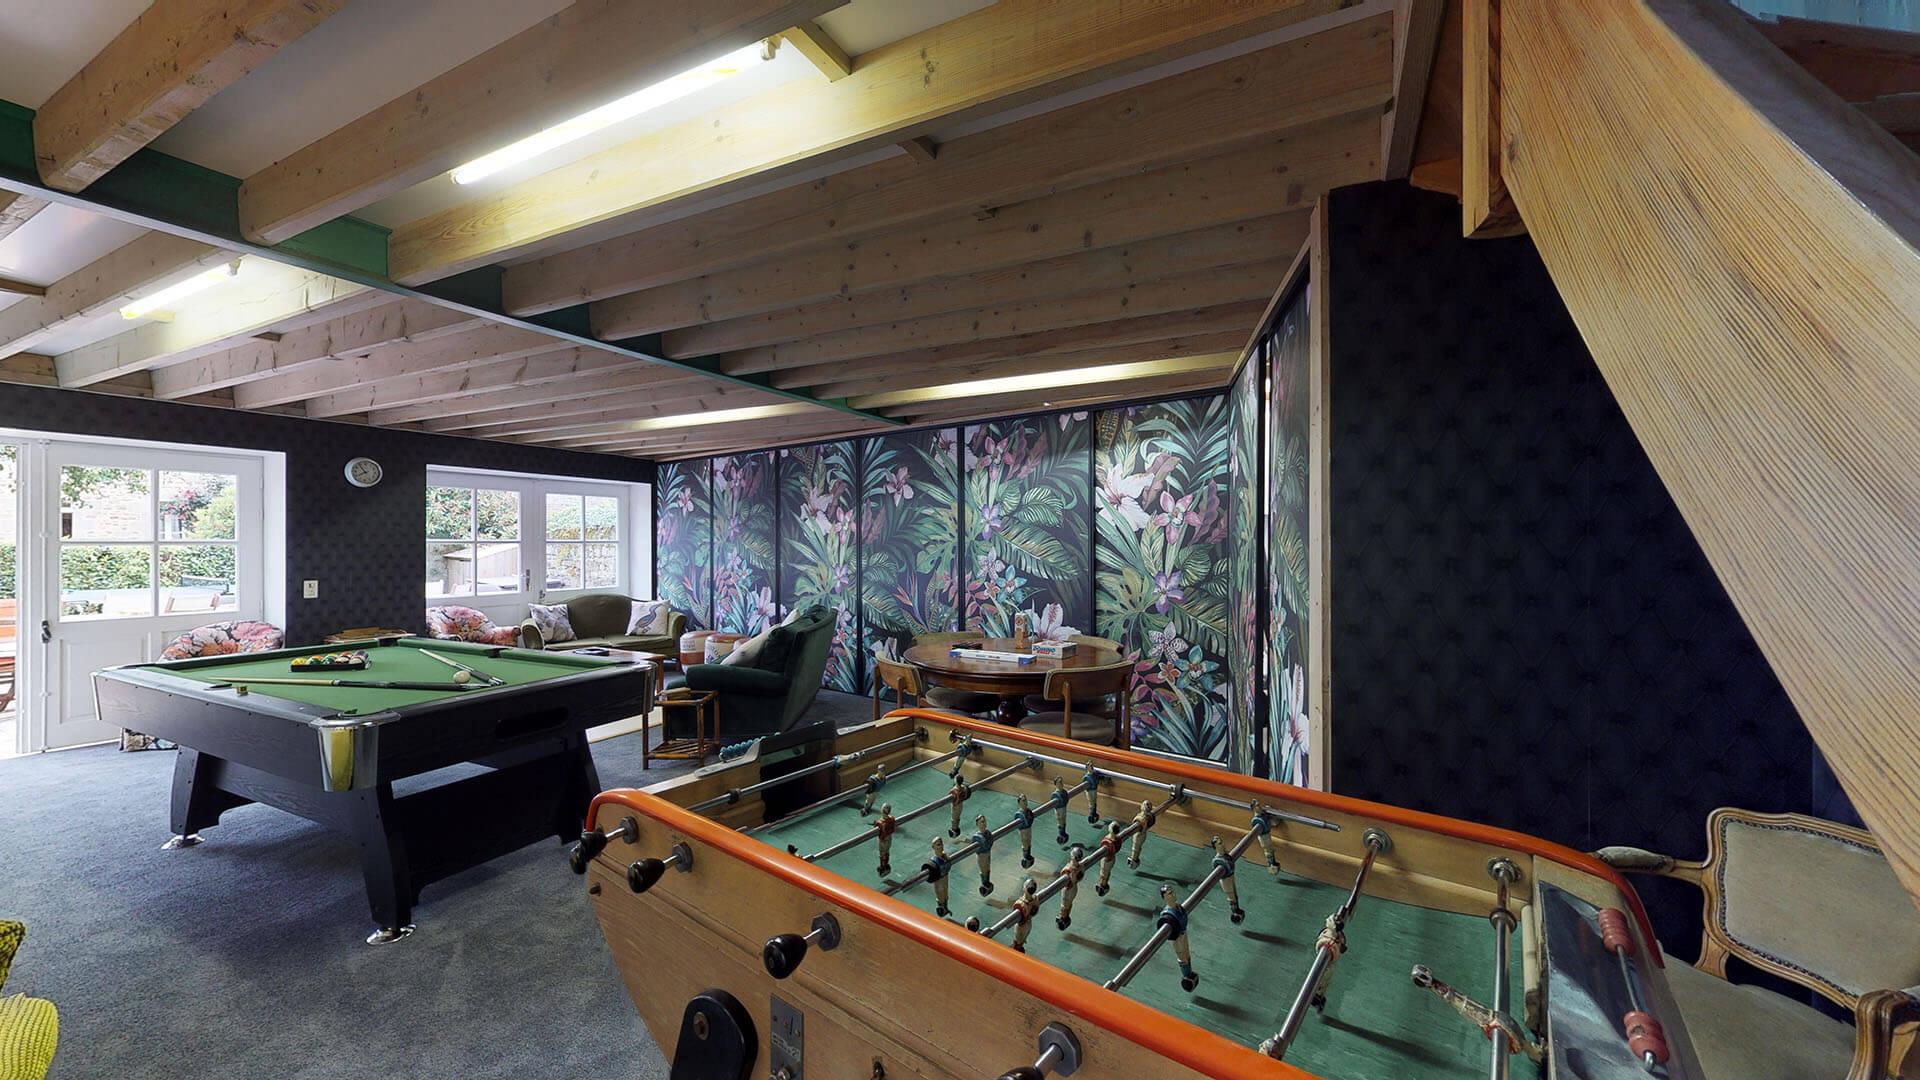 VILLA DE MALTE 06 - SALLE DE JEUX - Location de Gite La Clef Decamp - Laclefdecamp.fr